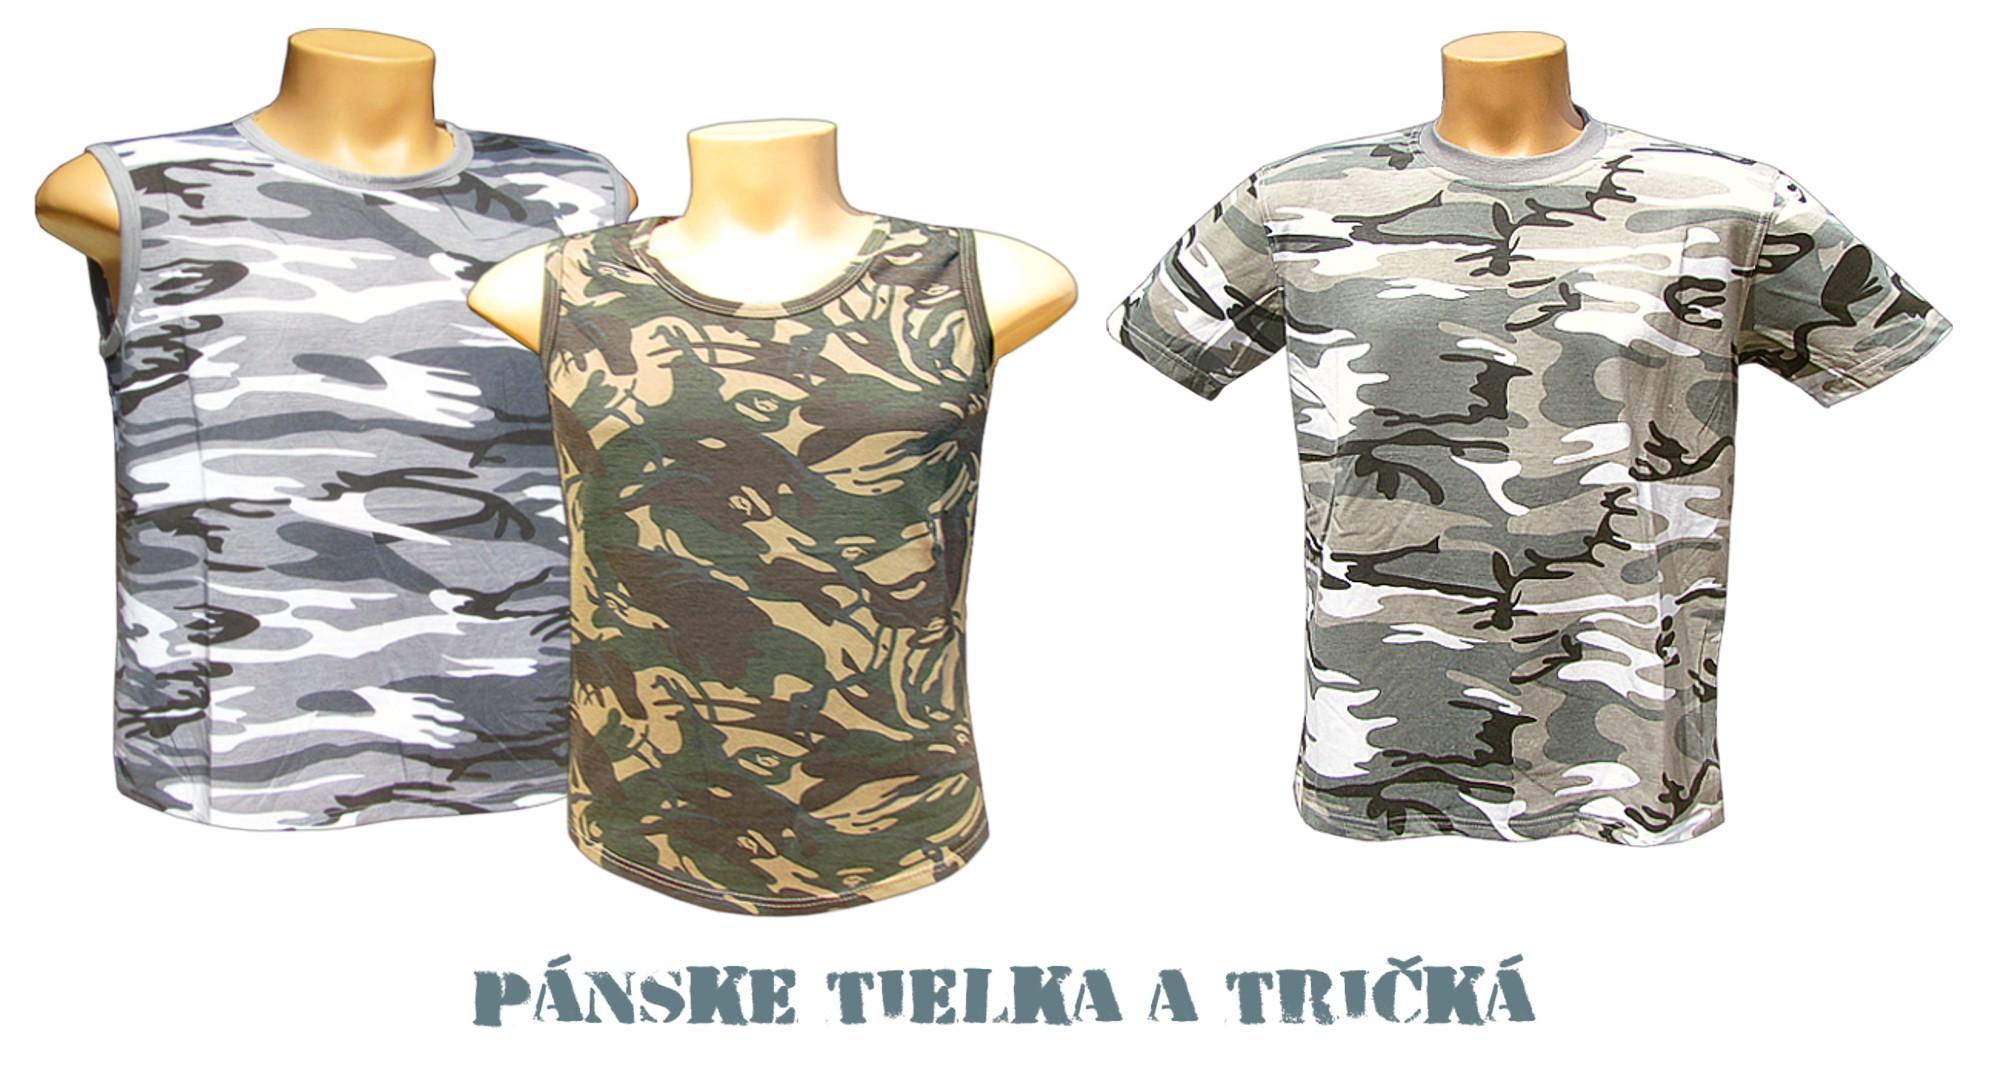 6bd454537 Pánske tričká a tielka   veľkoobchod tifantex